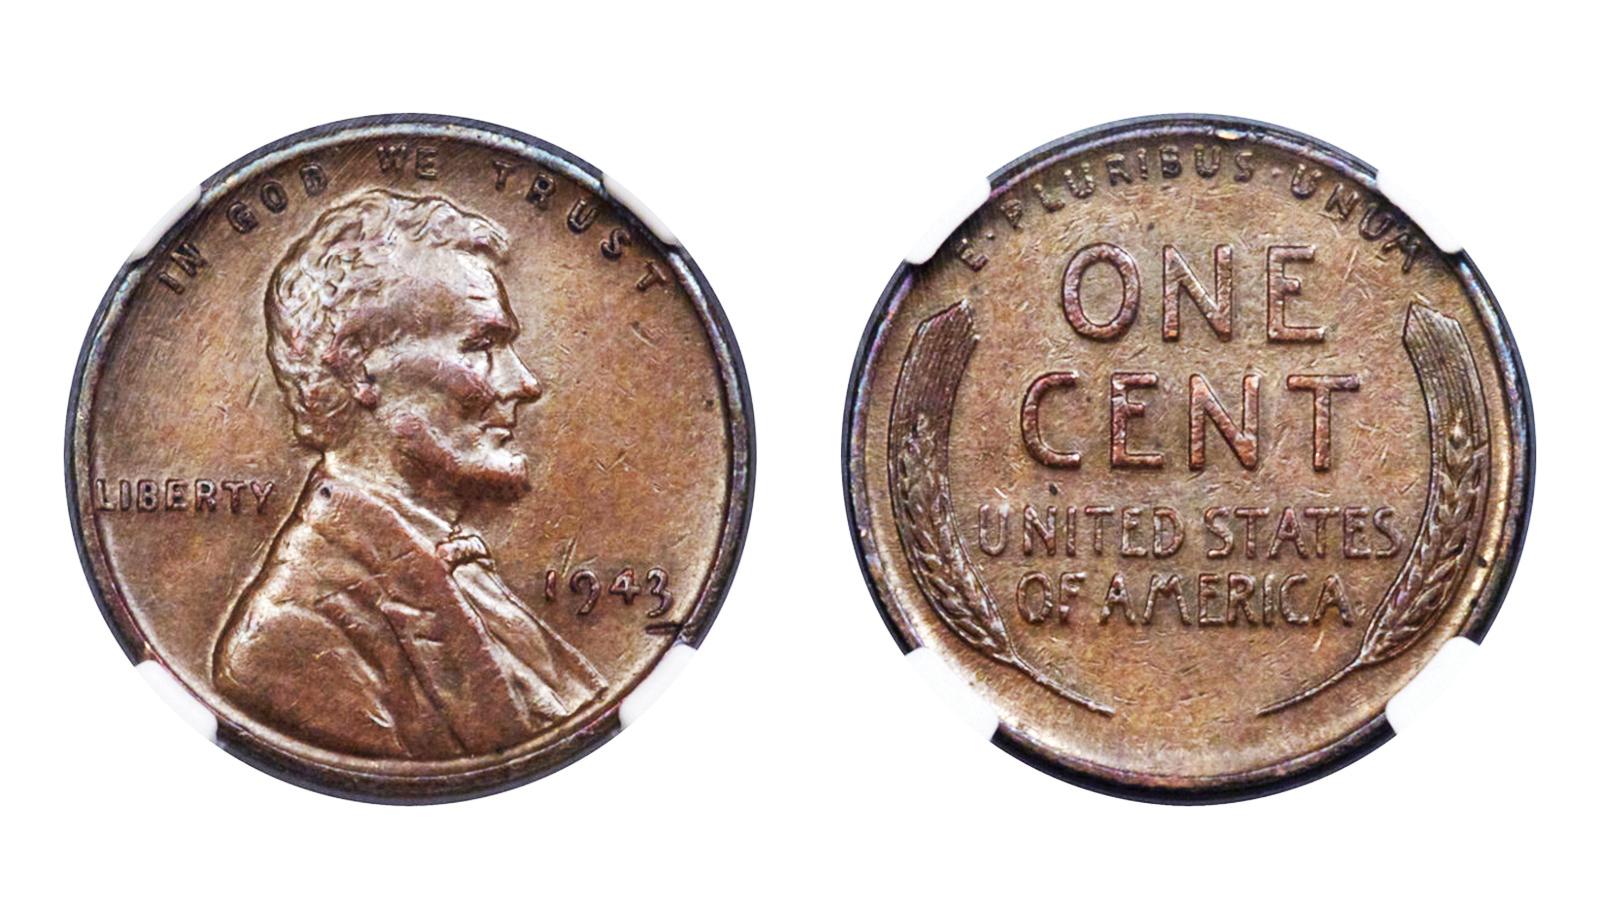 Liberan valiosas monedas de colección